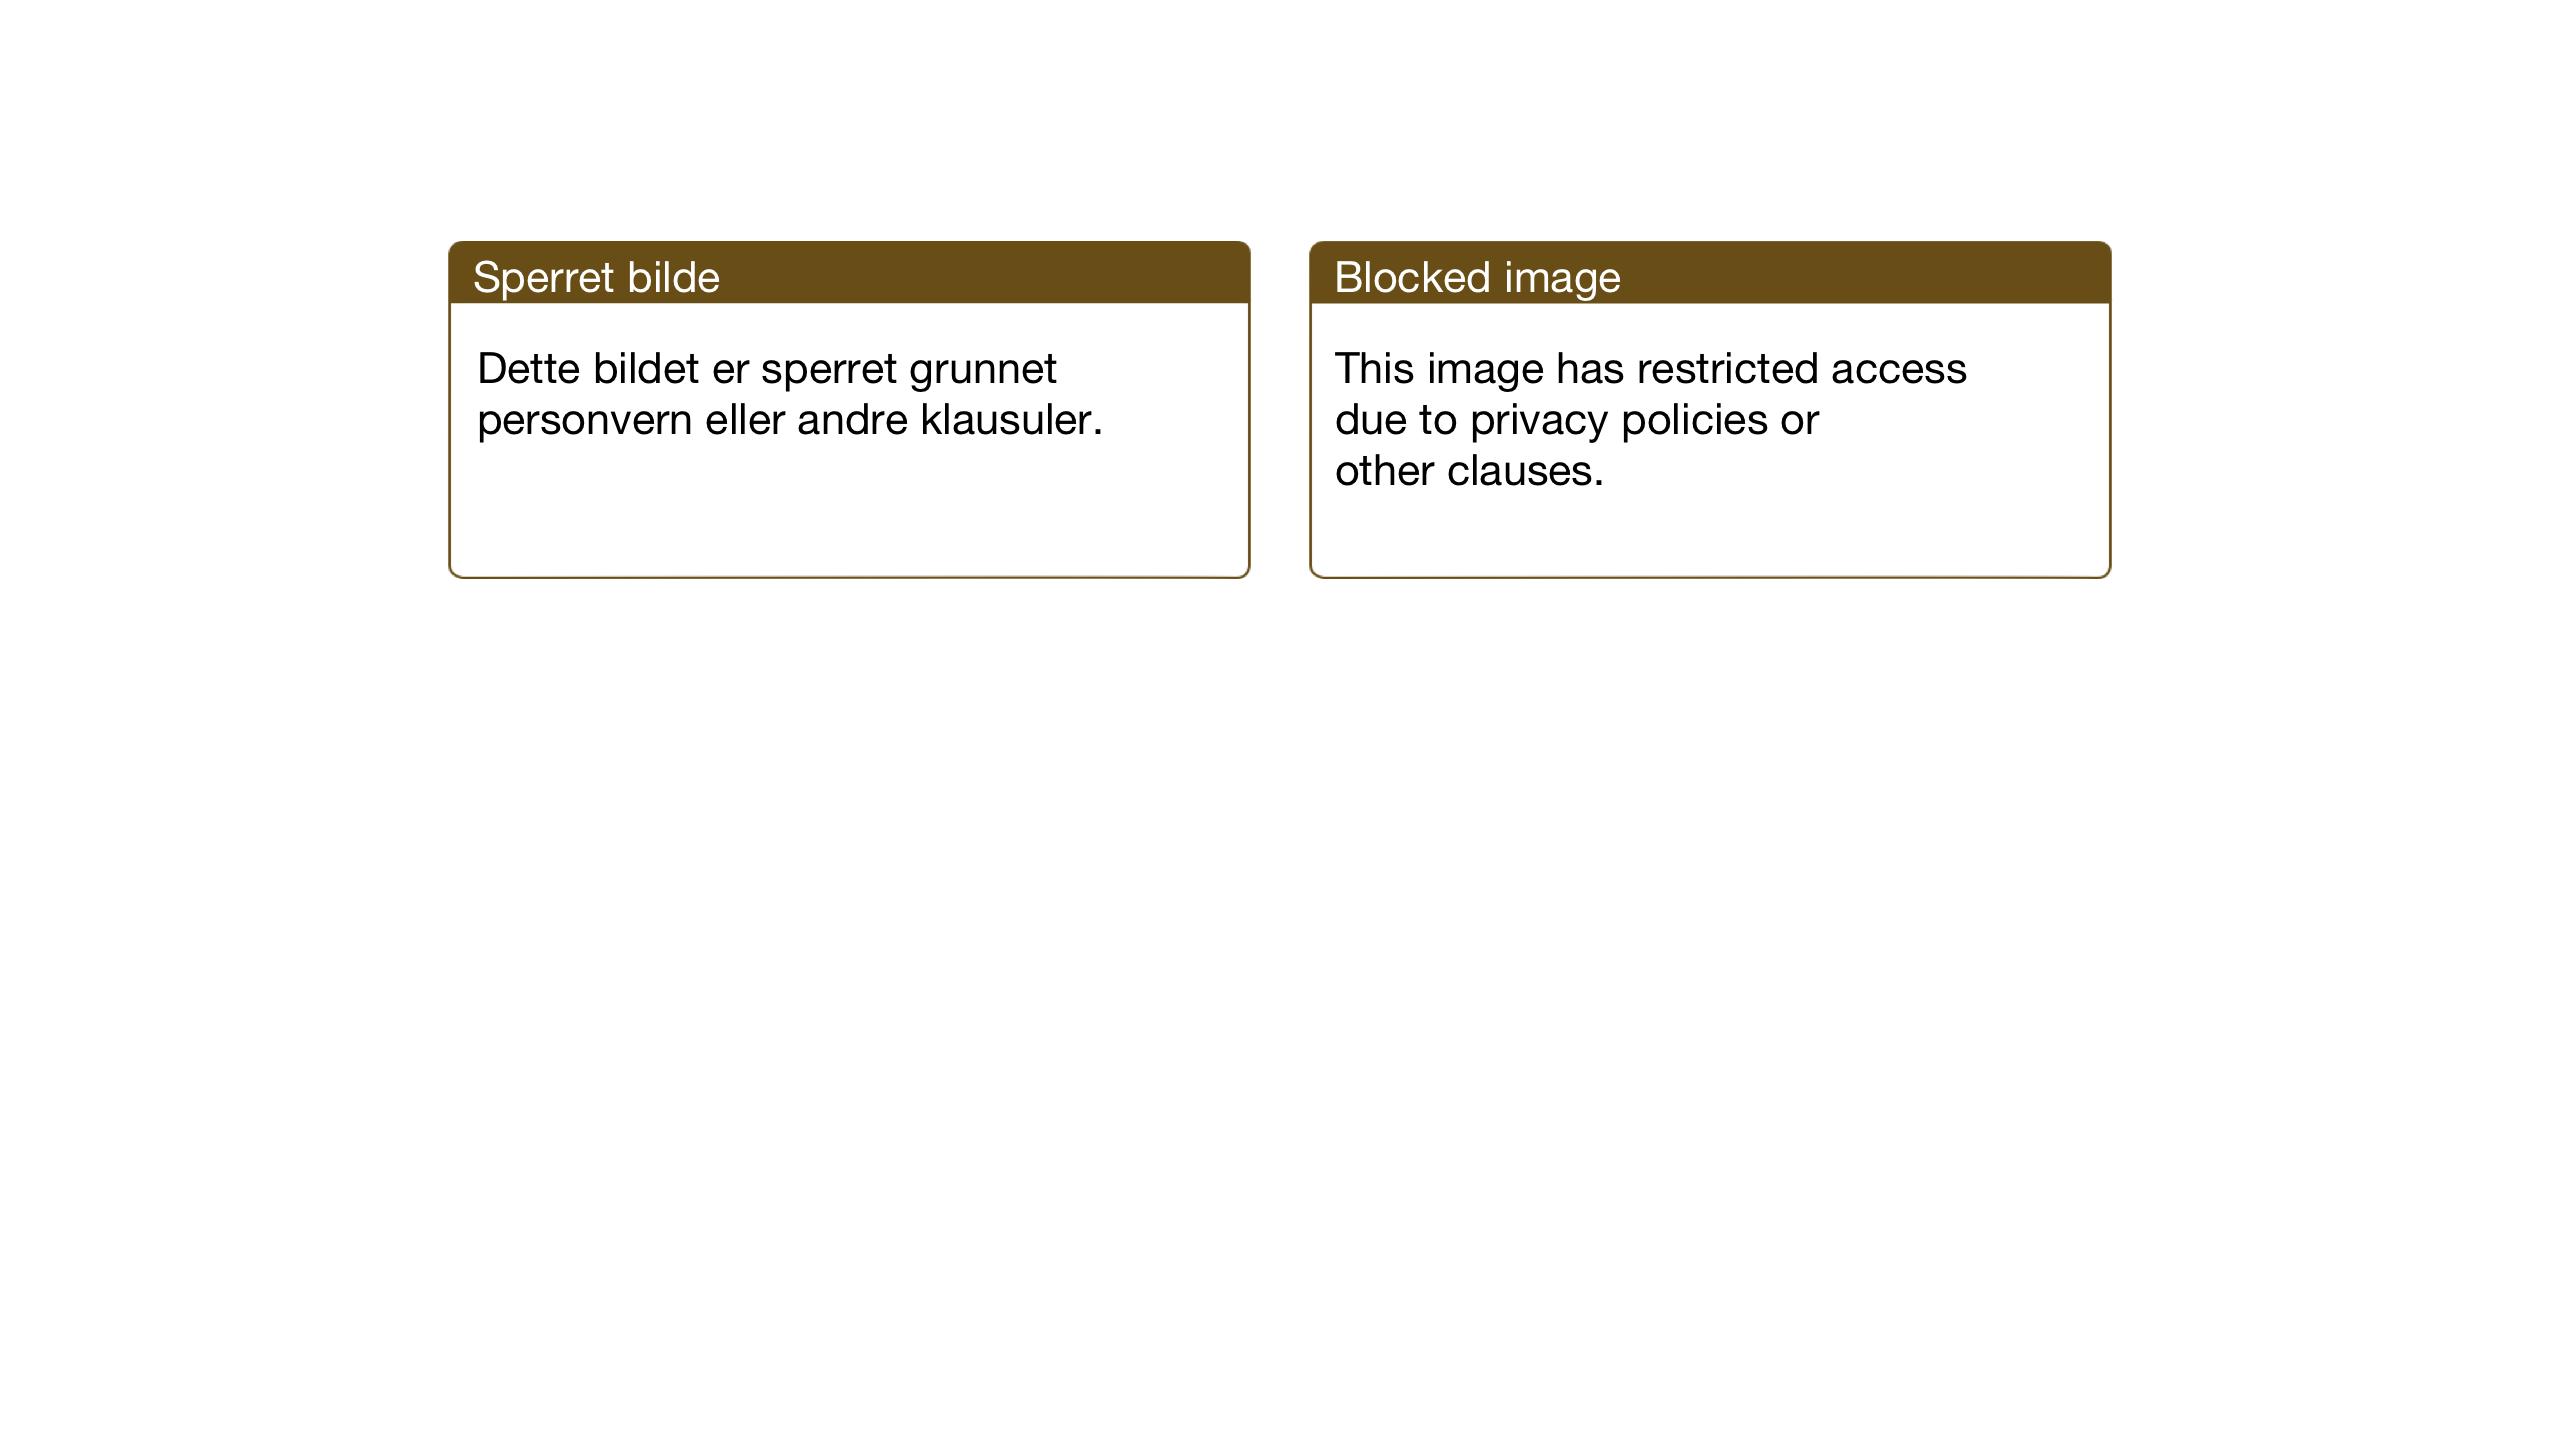 SAT, Ministerialprotokoller, klokkerbøker og fødselsregistre - Sør-Trøndelag, 617/L0433: Klokkerbok nr. 617C04, 1942-1947, s. 22